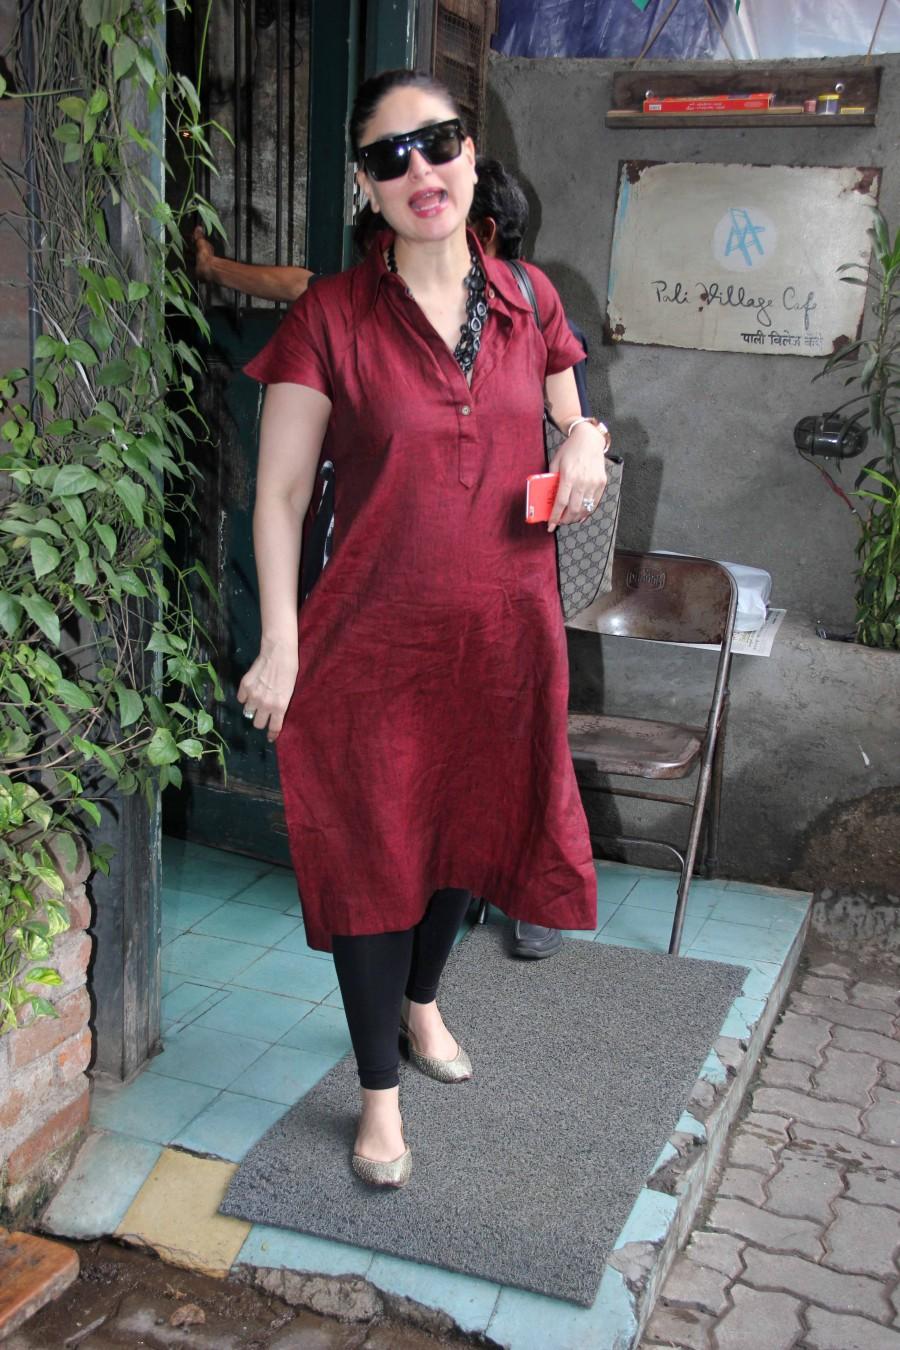 Kareena Kapoor Khan,Kareena Kapoor Khan spotted in Bandra,Kareena Kapoor spotted in Bandra,Kareena Kapoor Khan baby bump,Kareena Kapoor baby bump,kareena kapoor khan baby bump photos,Kareena Kapoor baby bump pics,Kareena Kapoor baby bump images,Kareena Ka